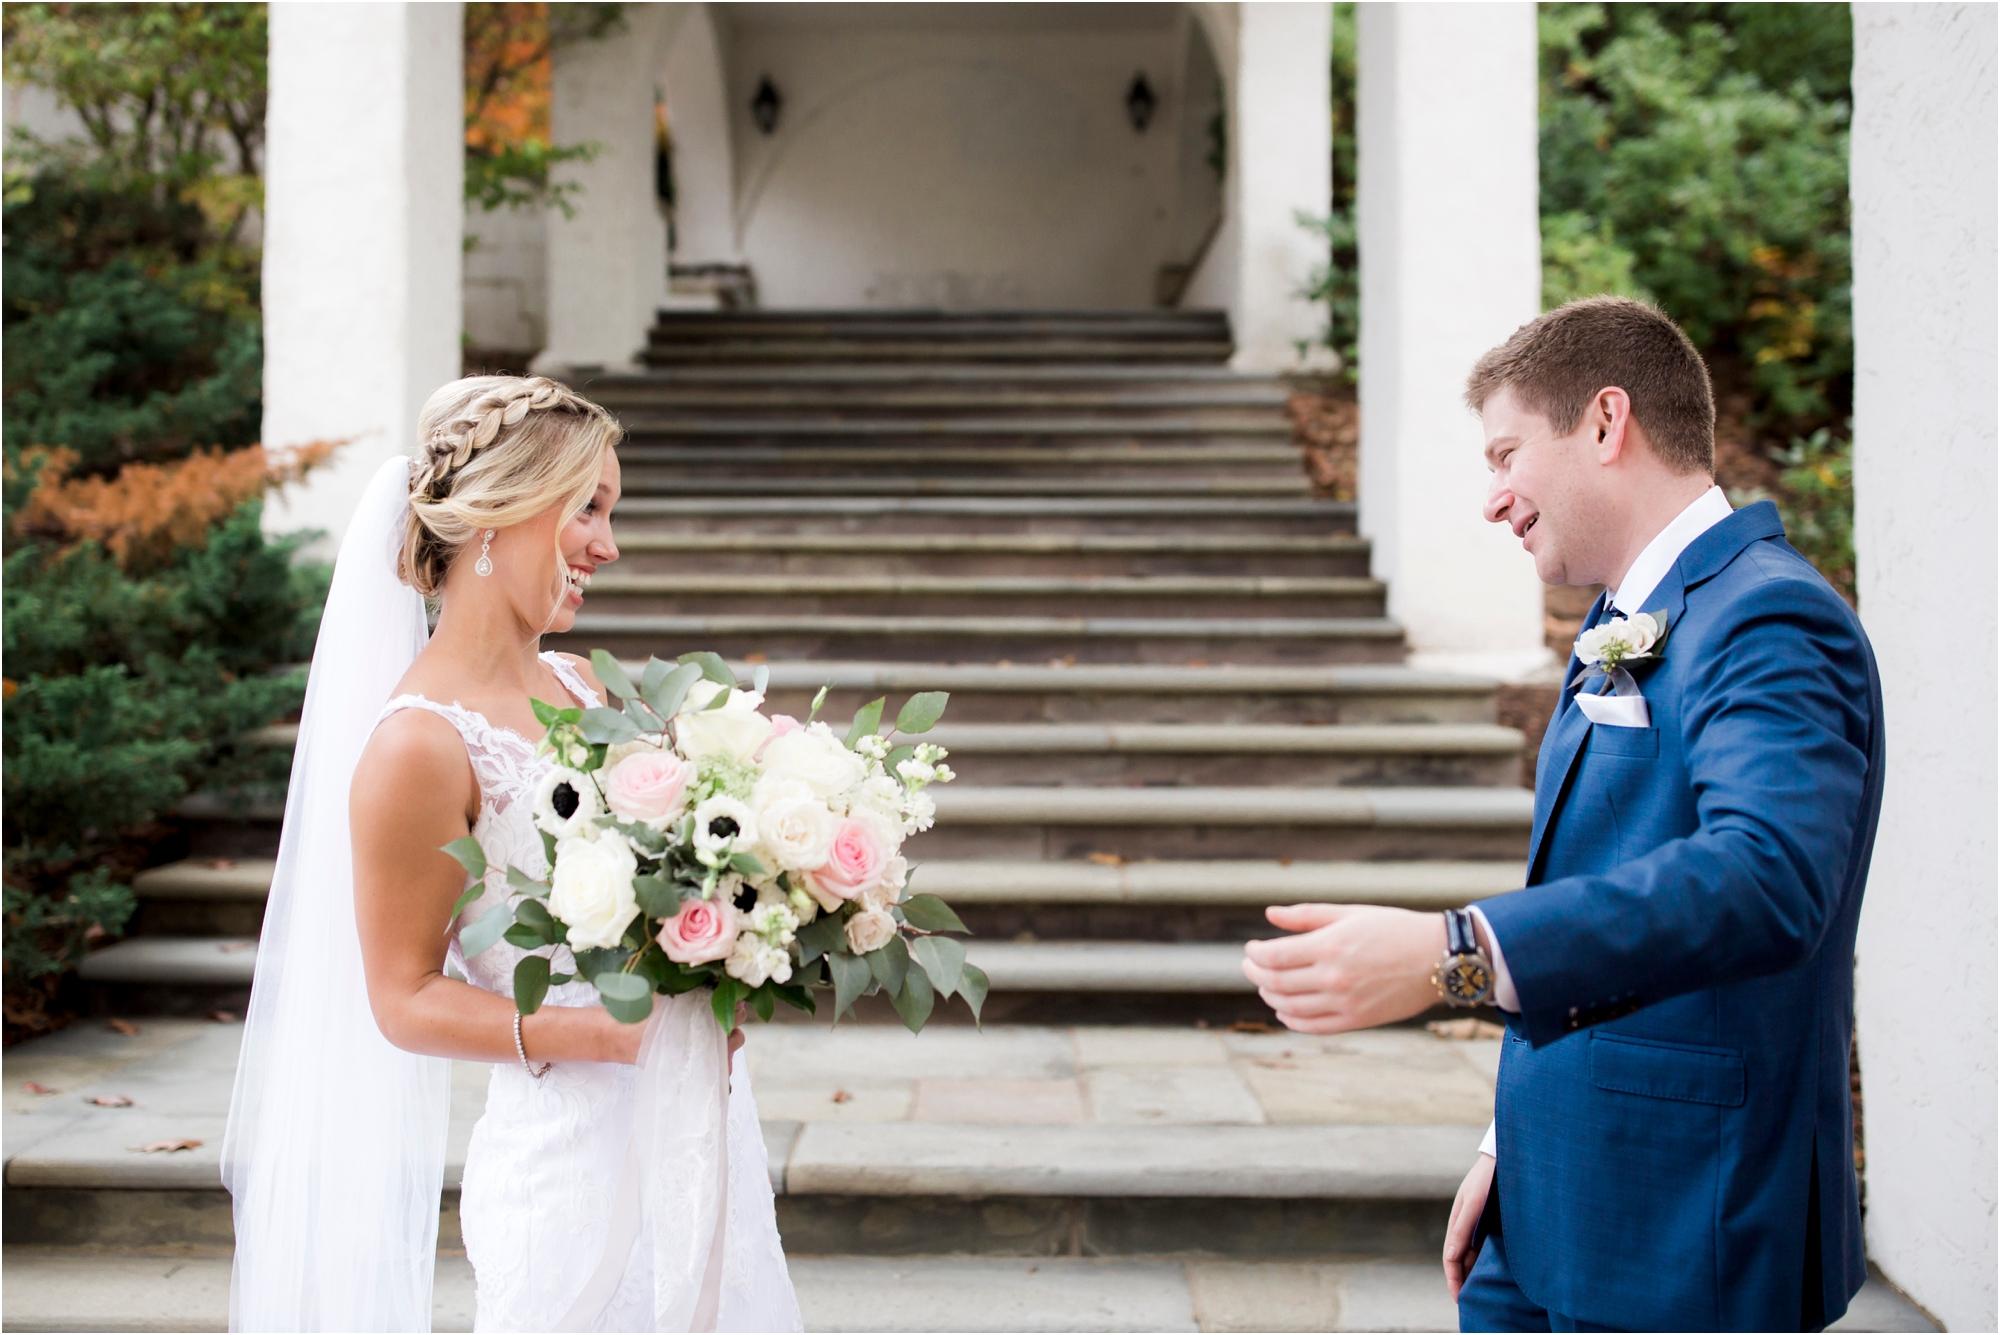 brooke-ilya-fall-virginia-omni-homestead-resort-wedding-photos_0017.jpg